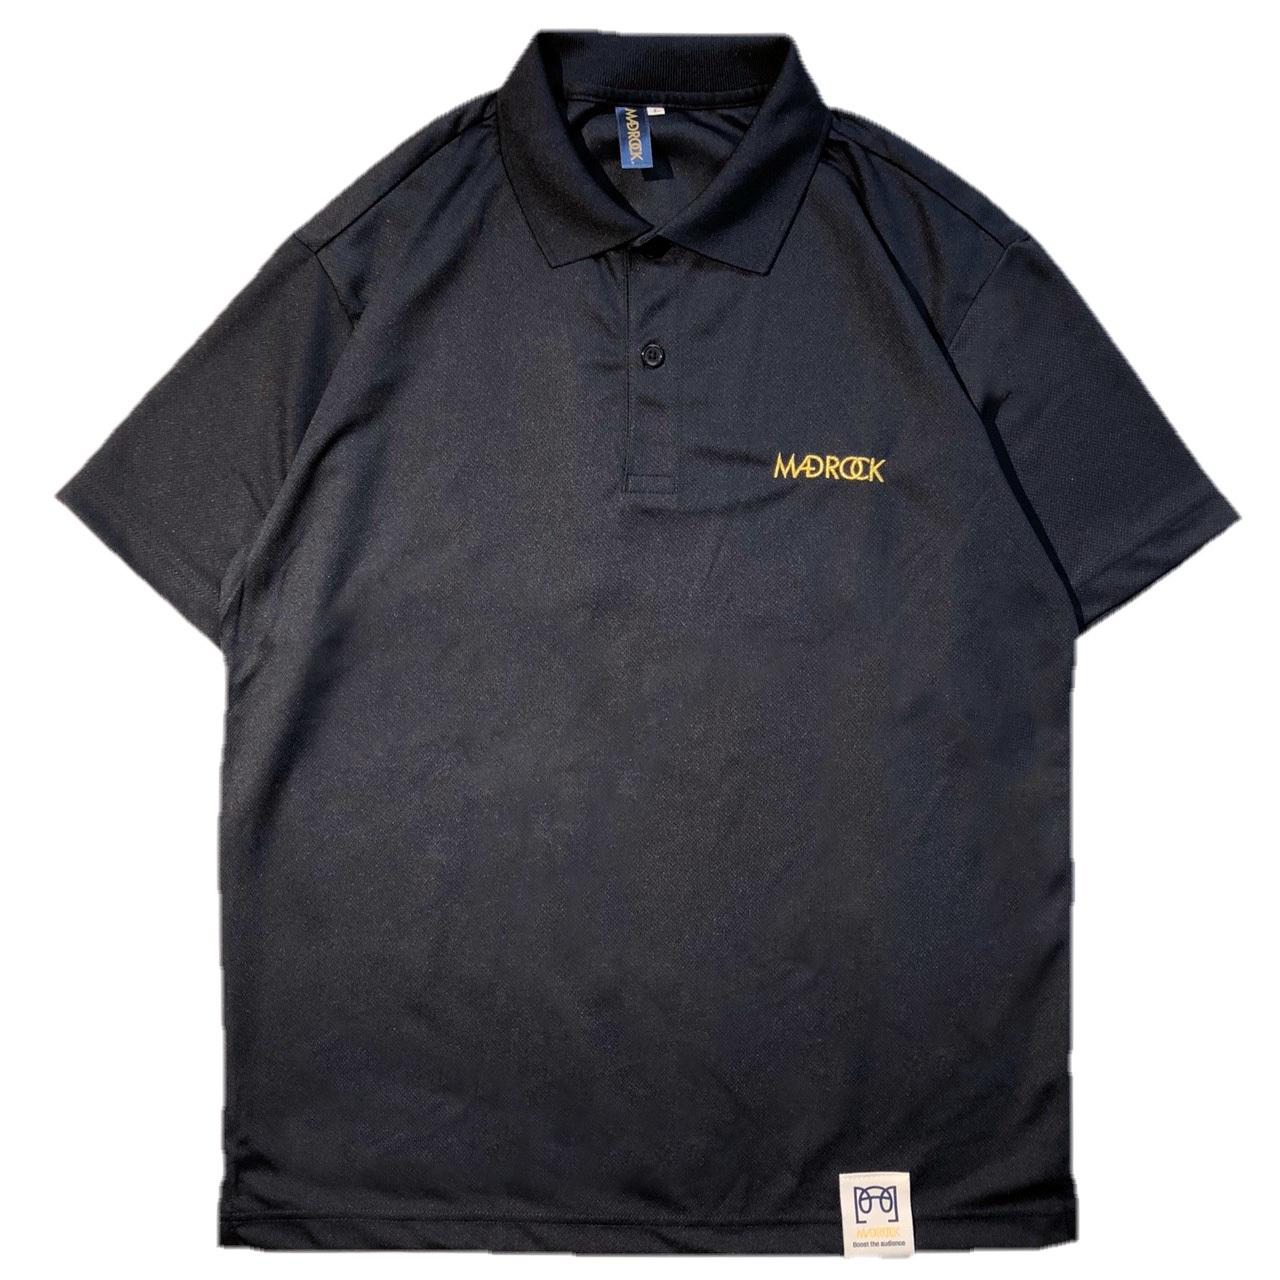 マッドロック ロゴ ポロシャツ/ドライタイプ/ネイビー&ゴールド